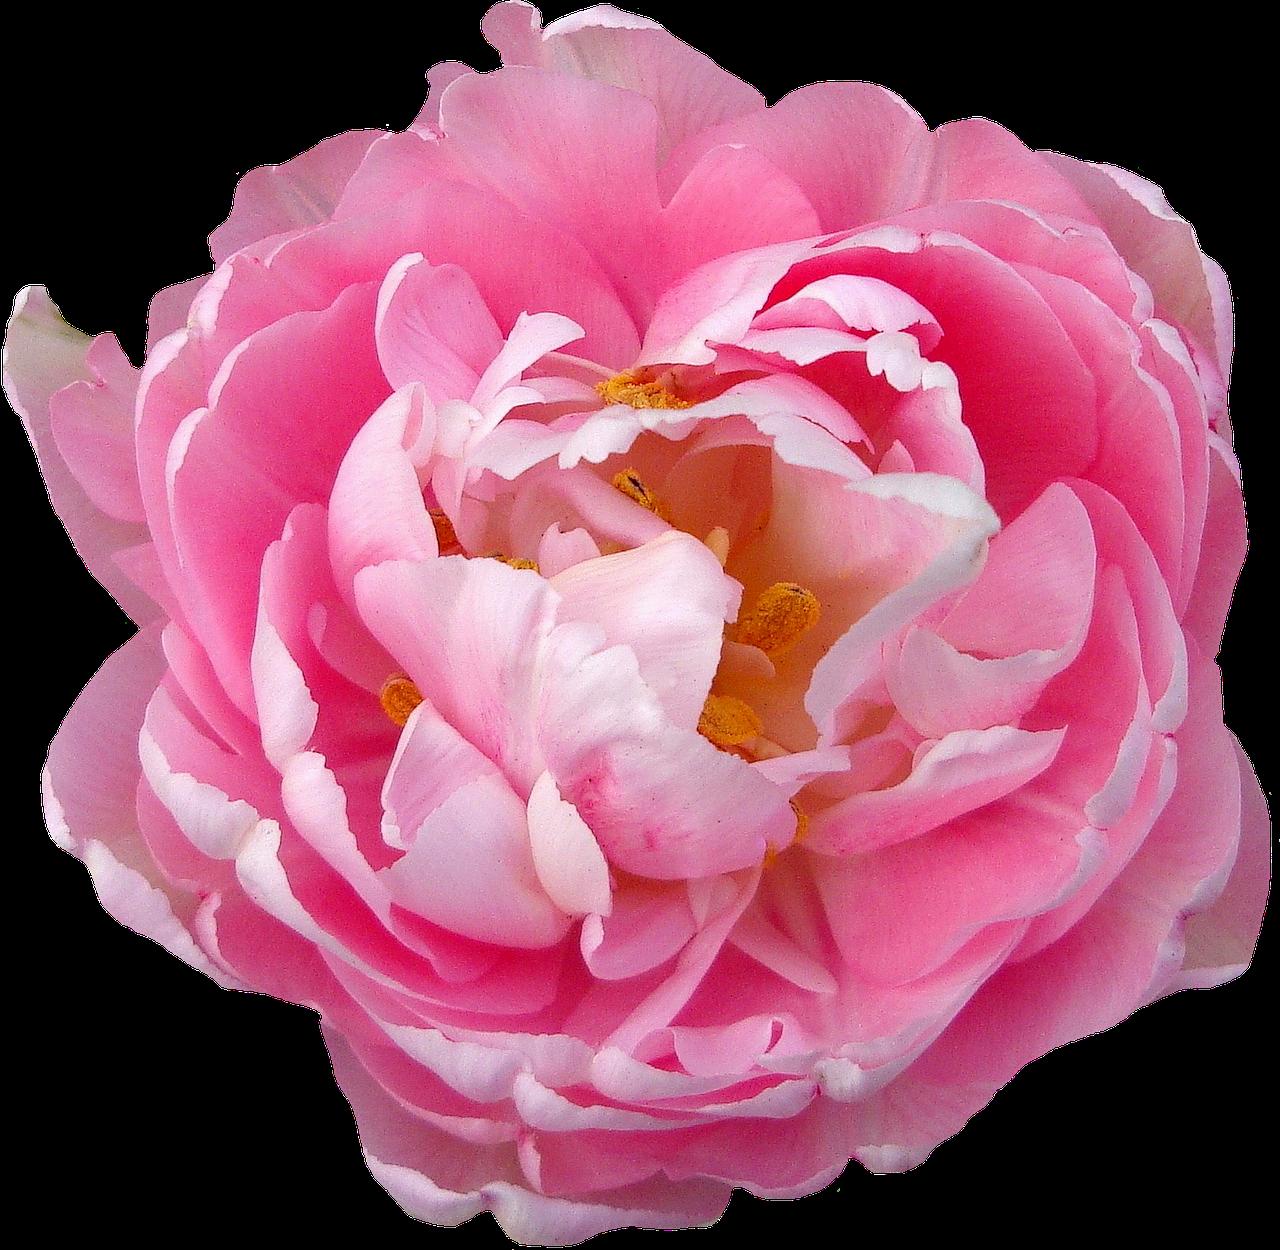 Free Image on Pixabay - Rose, Pink, Blossom, Bloom, Flower   Flower illustration, Flowers ...